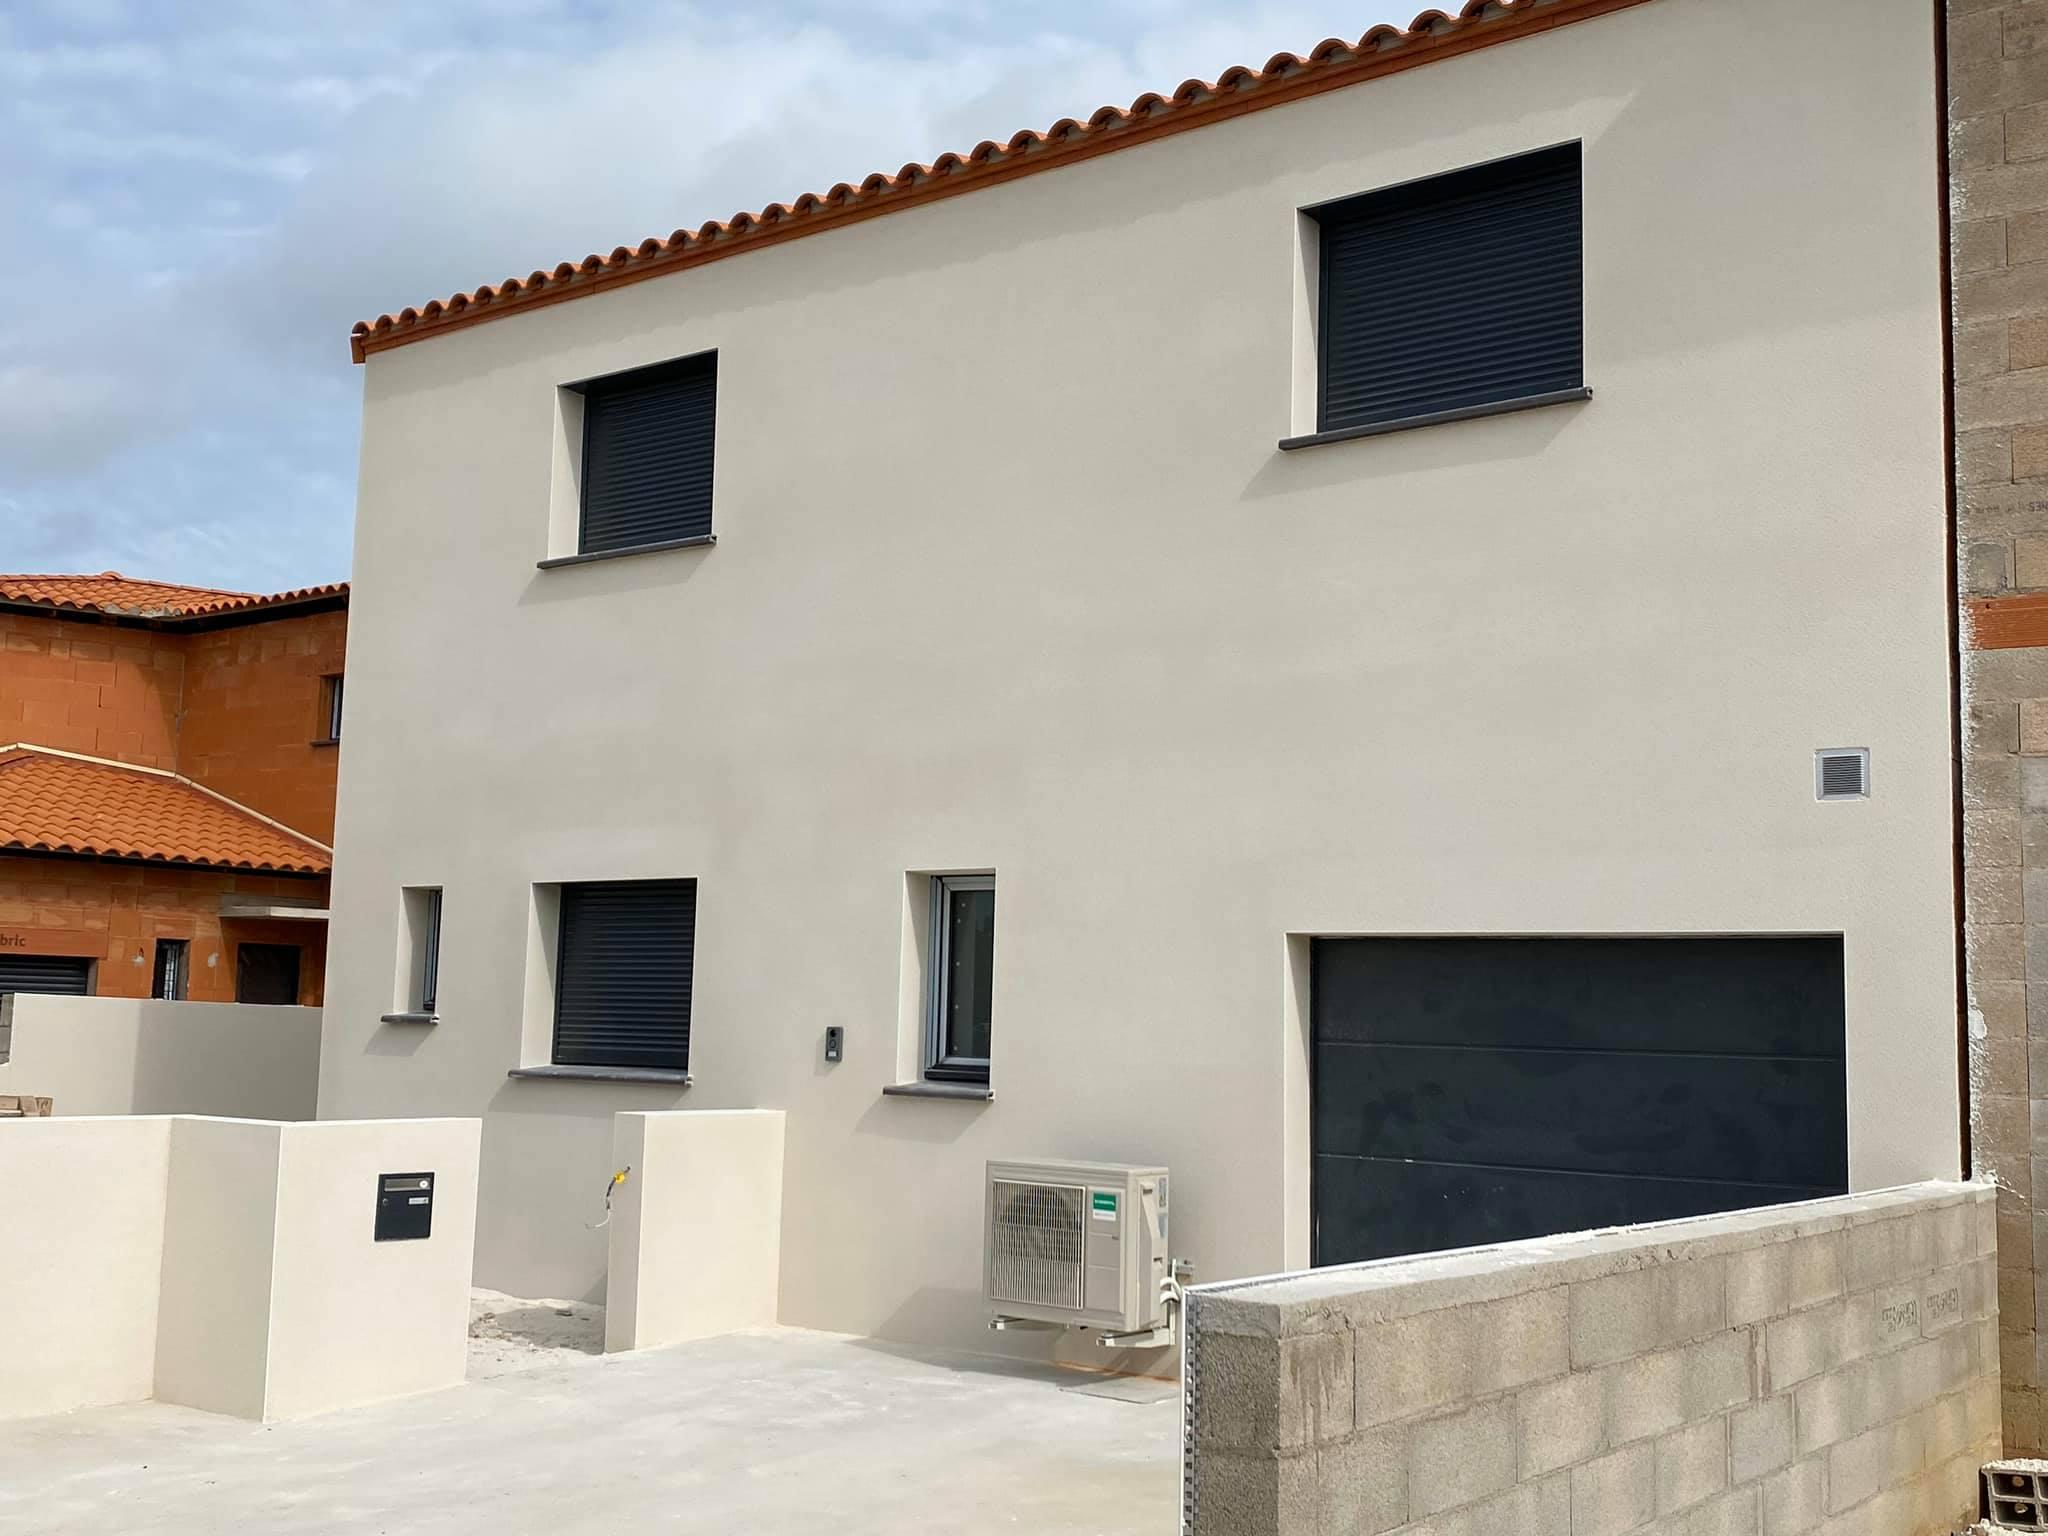 121363375 1672178296274011 7487117954473407833 n • DDR • Constructeur de maison Perpignan - Pyrénées-Orientales et Aude